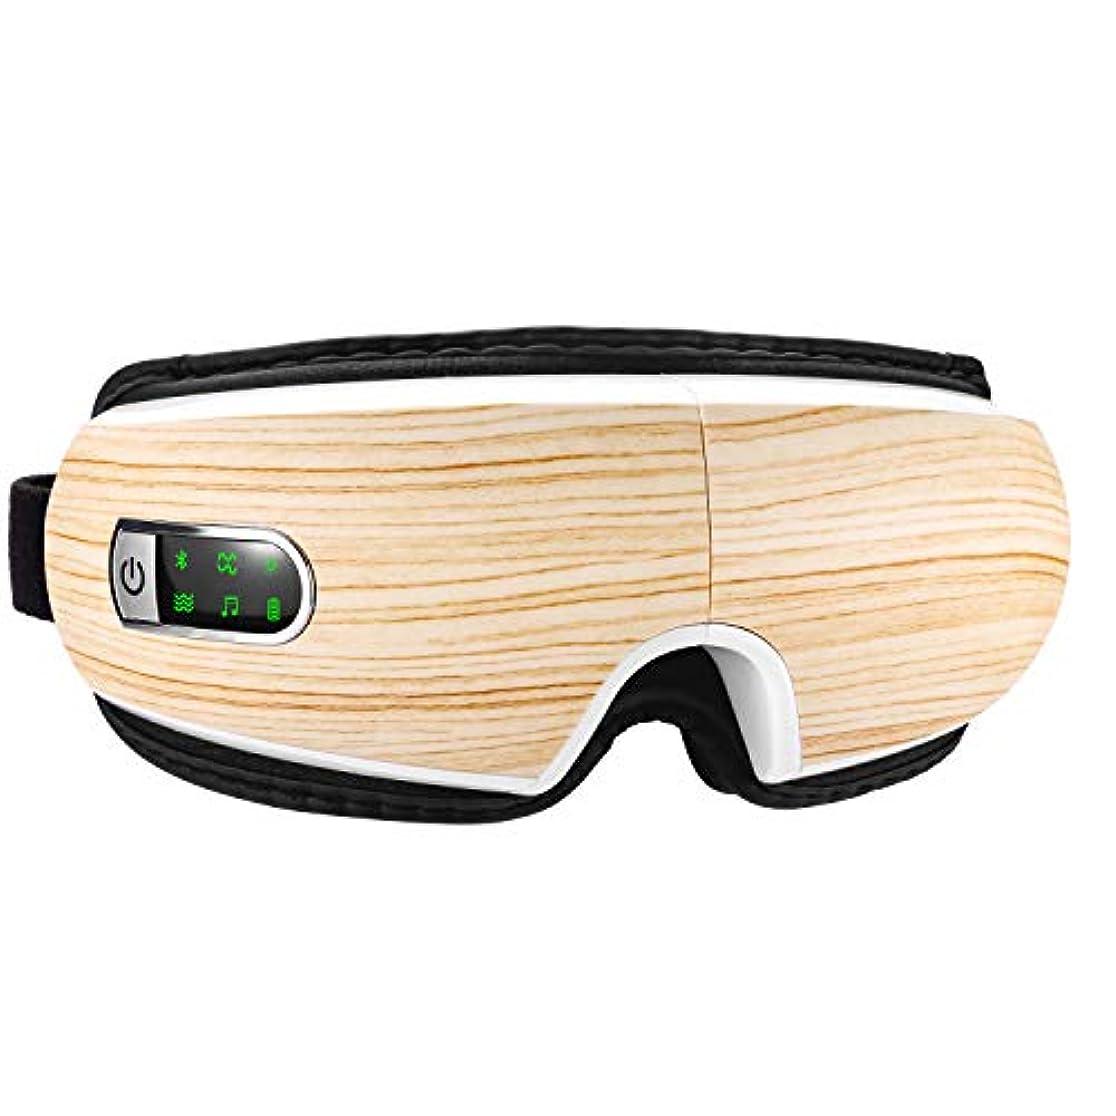 グレーアクチュエータゴネリル目マッサージ器 目元エステ 目元美顔器 ホットアイマスク 快眠グッズ 振動機能 音楽機能 USB充電式 タイマー機能 アイマスク